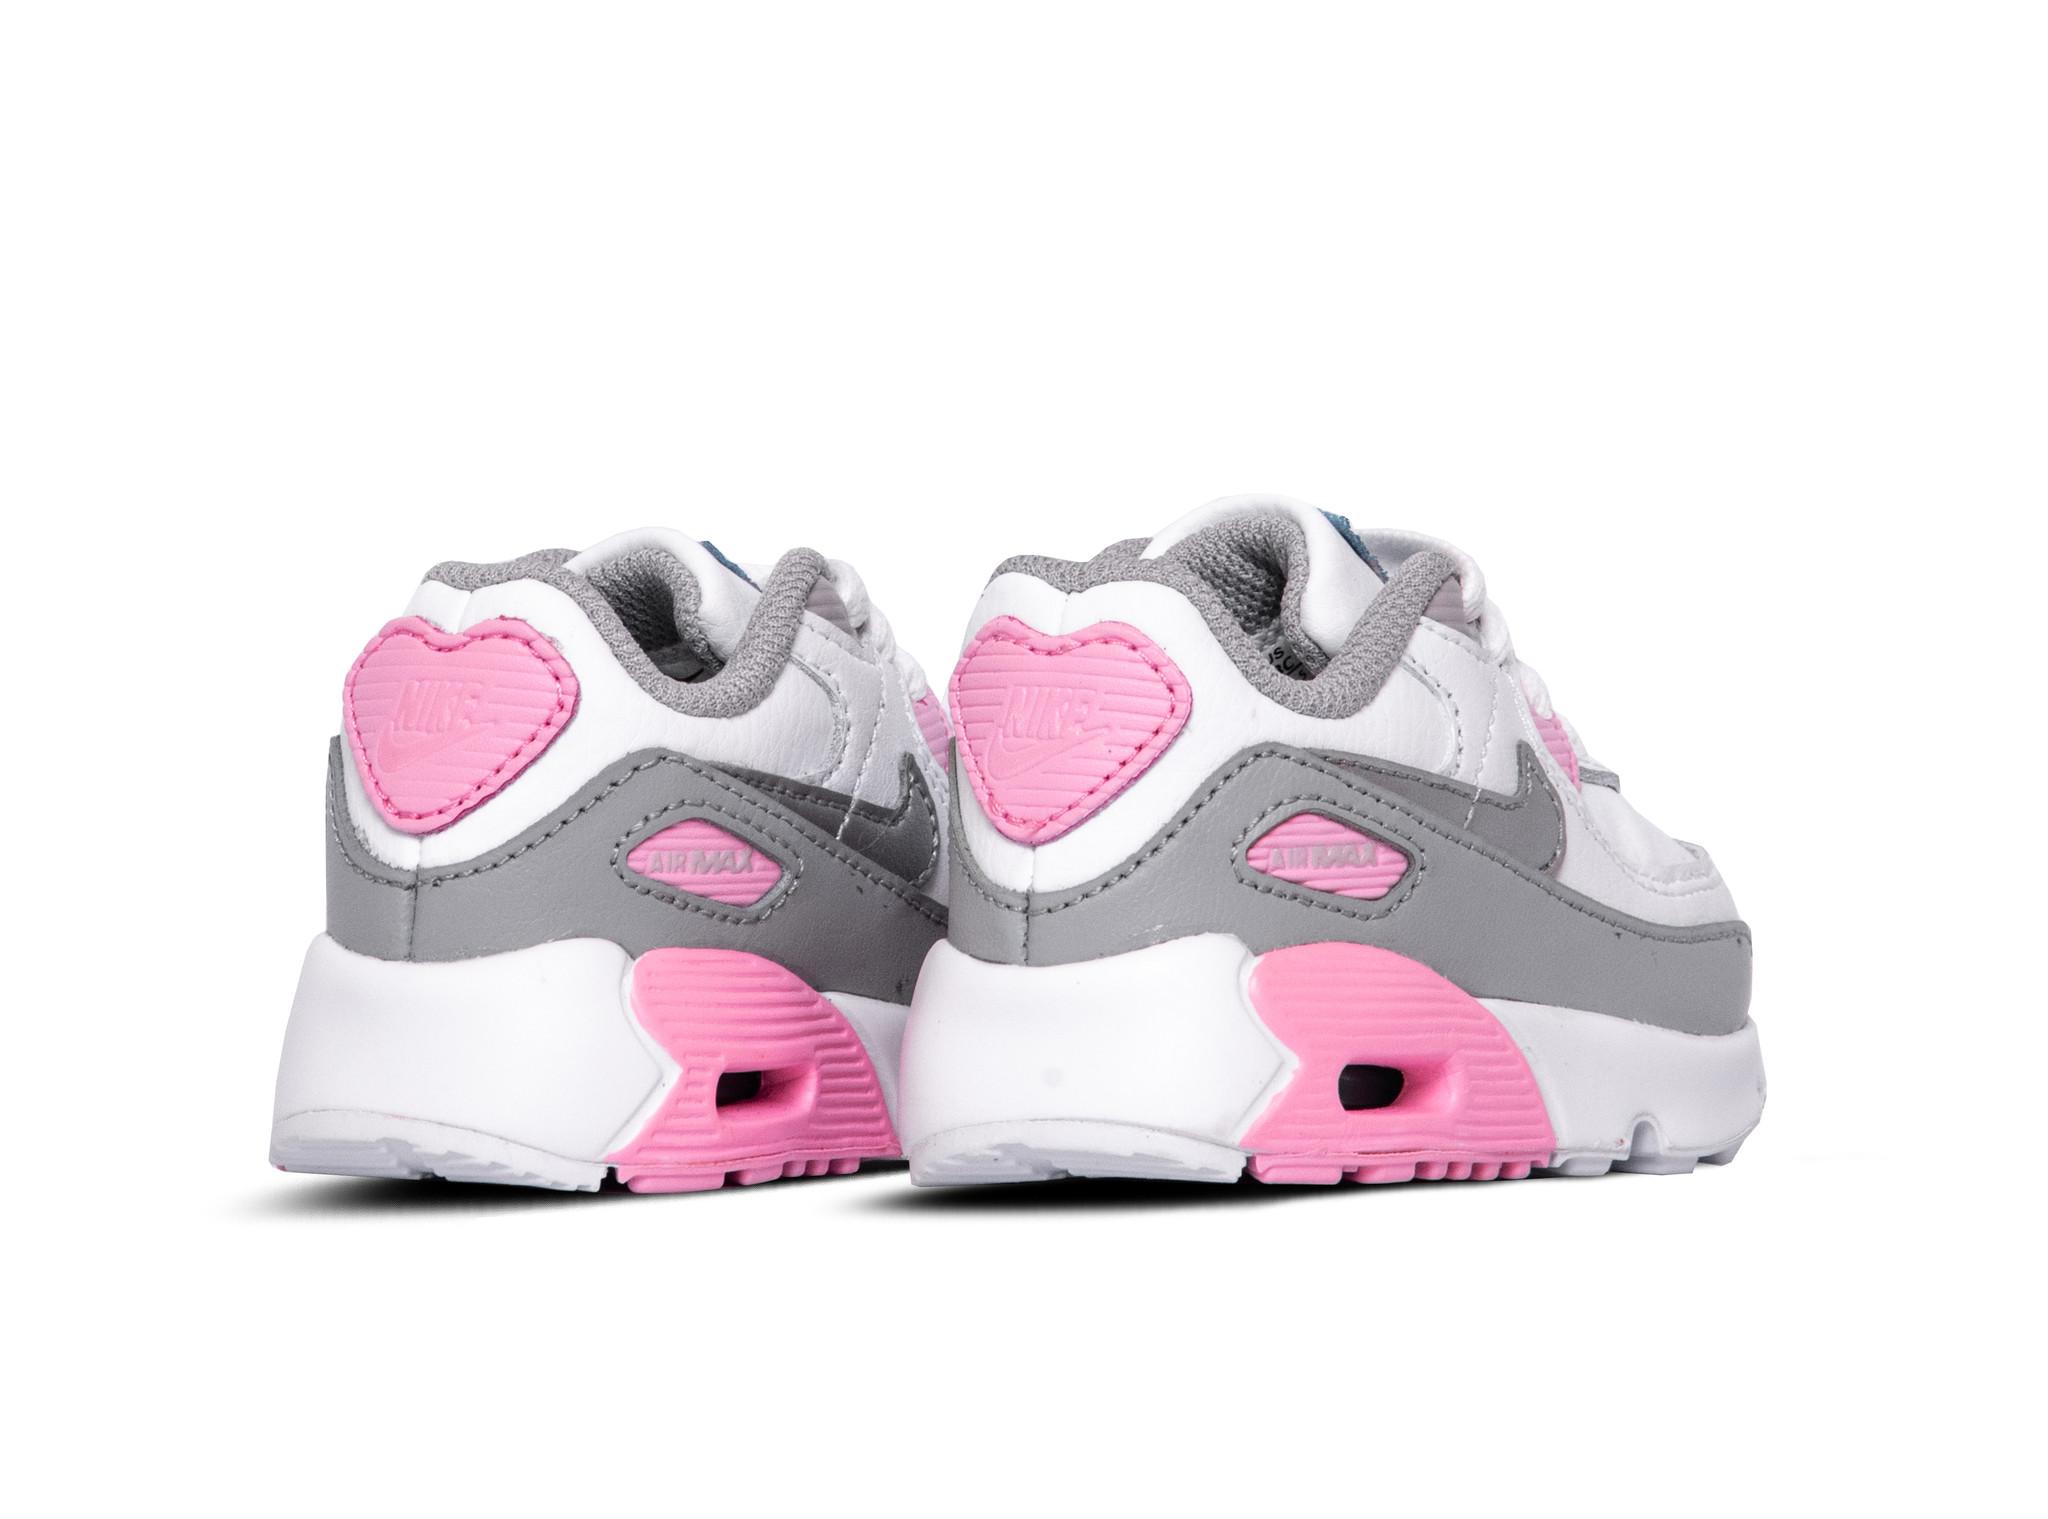 Nike Air Max 90 LT Smoke Grey Metallic Silver White Pink CD6868 004